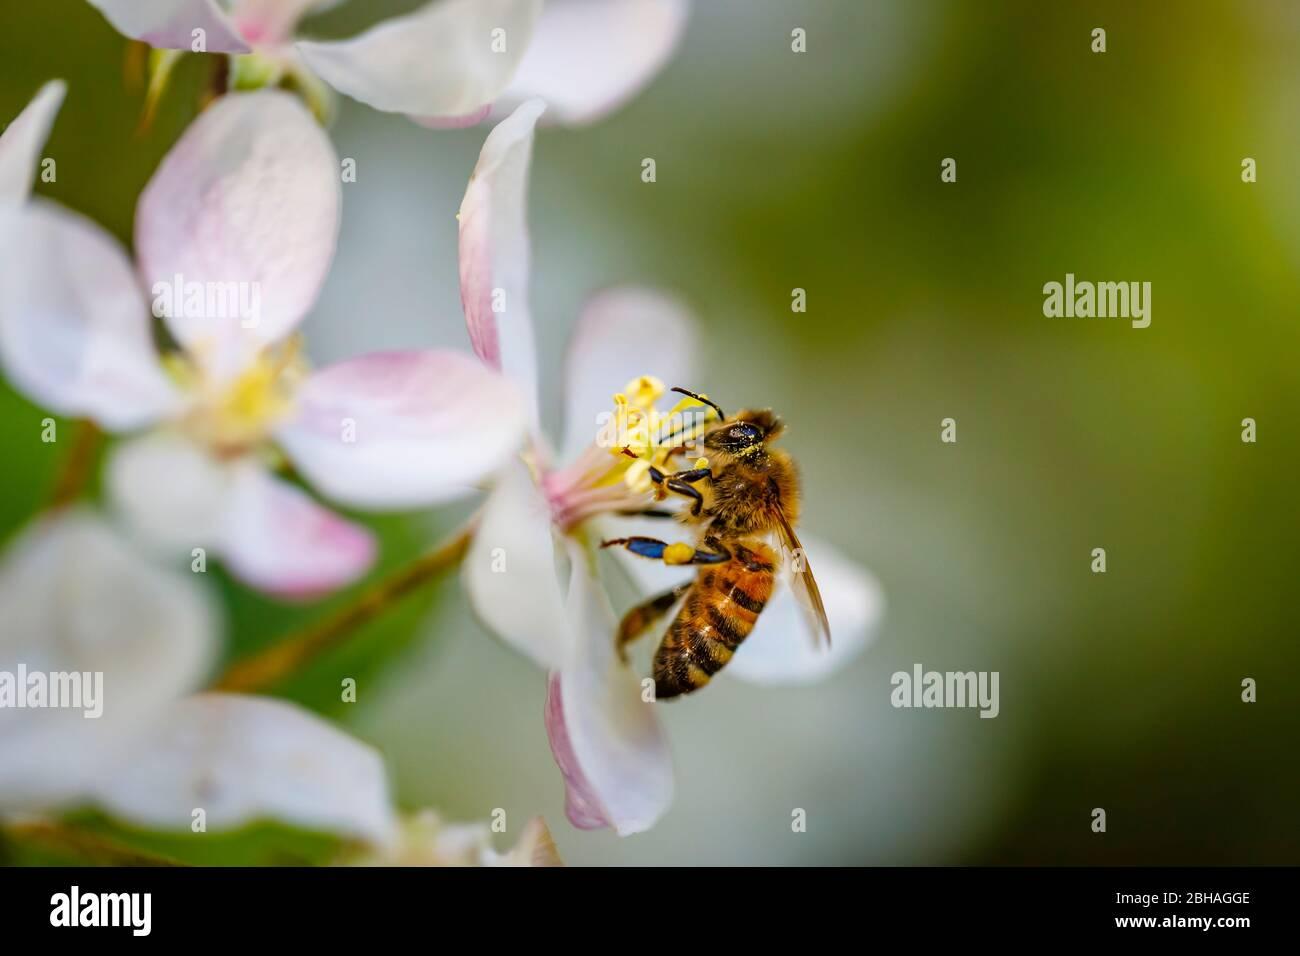 Minibeast: Une abeille de miel, API mellifera, la collecte du nectar et du pollen des étamines de fleurs blanches de pommier au printemps, Surrey Banque D'Images